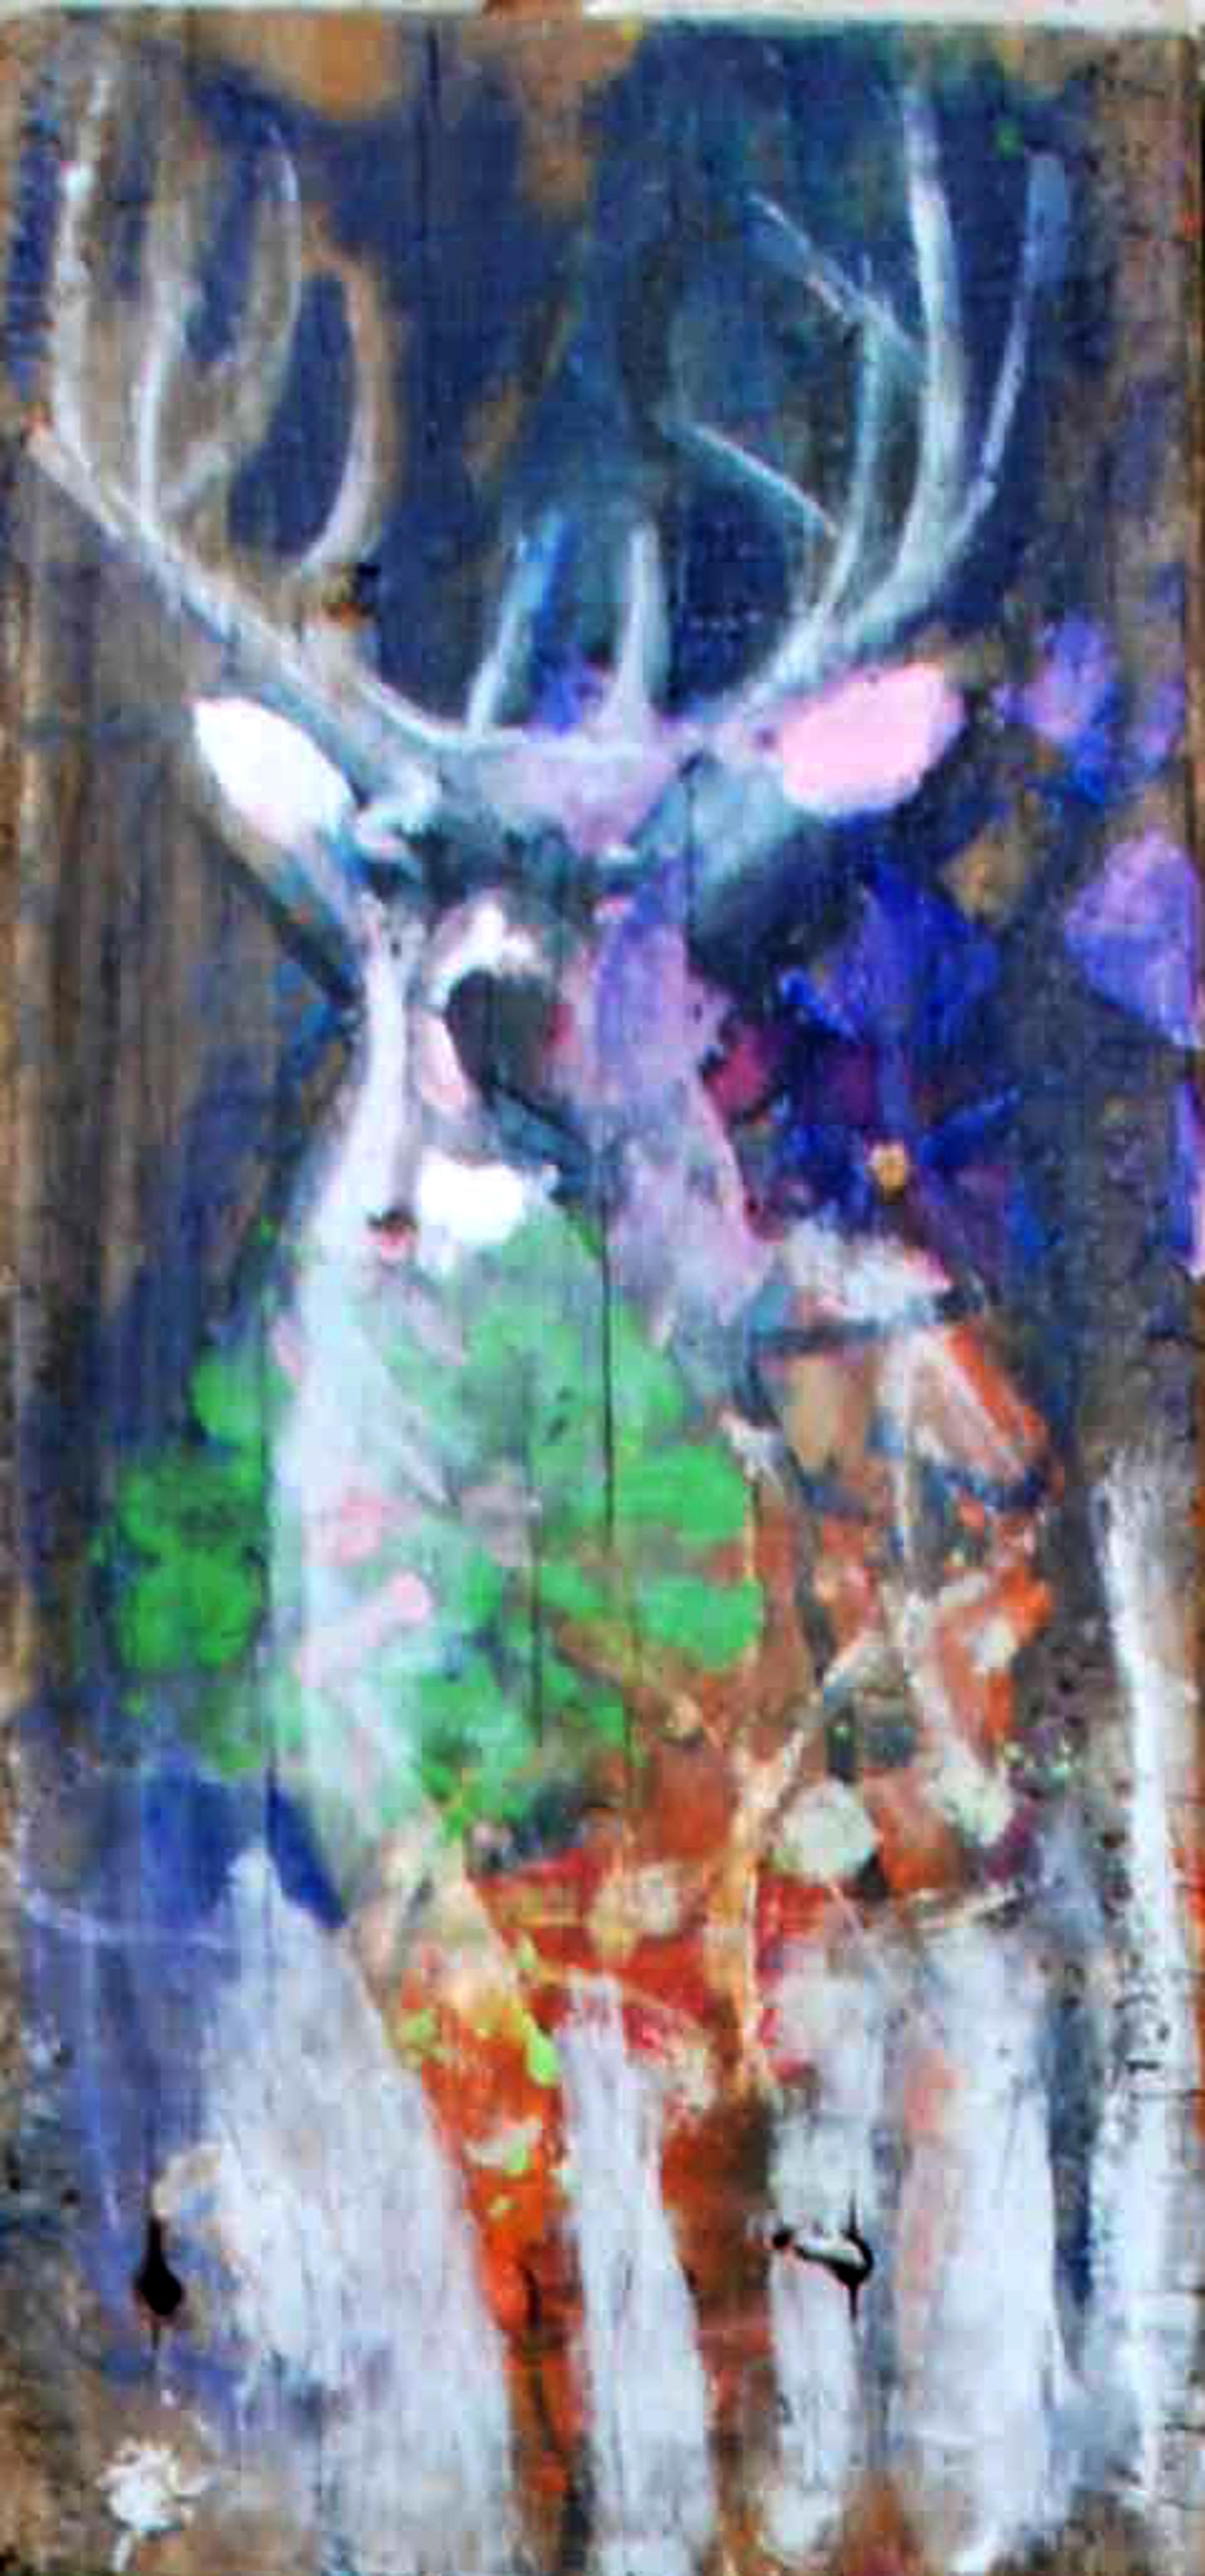 Deer #1 by Susan Easton Burns